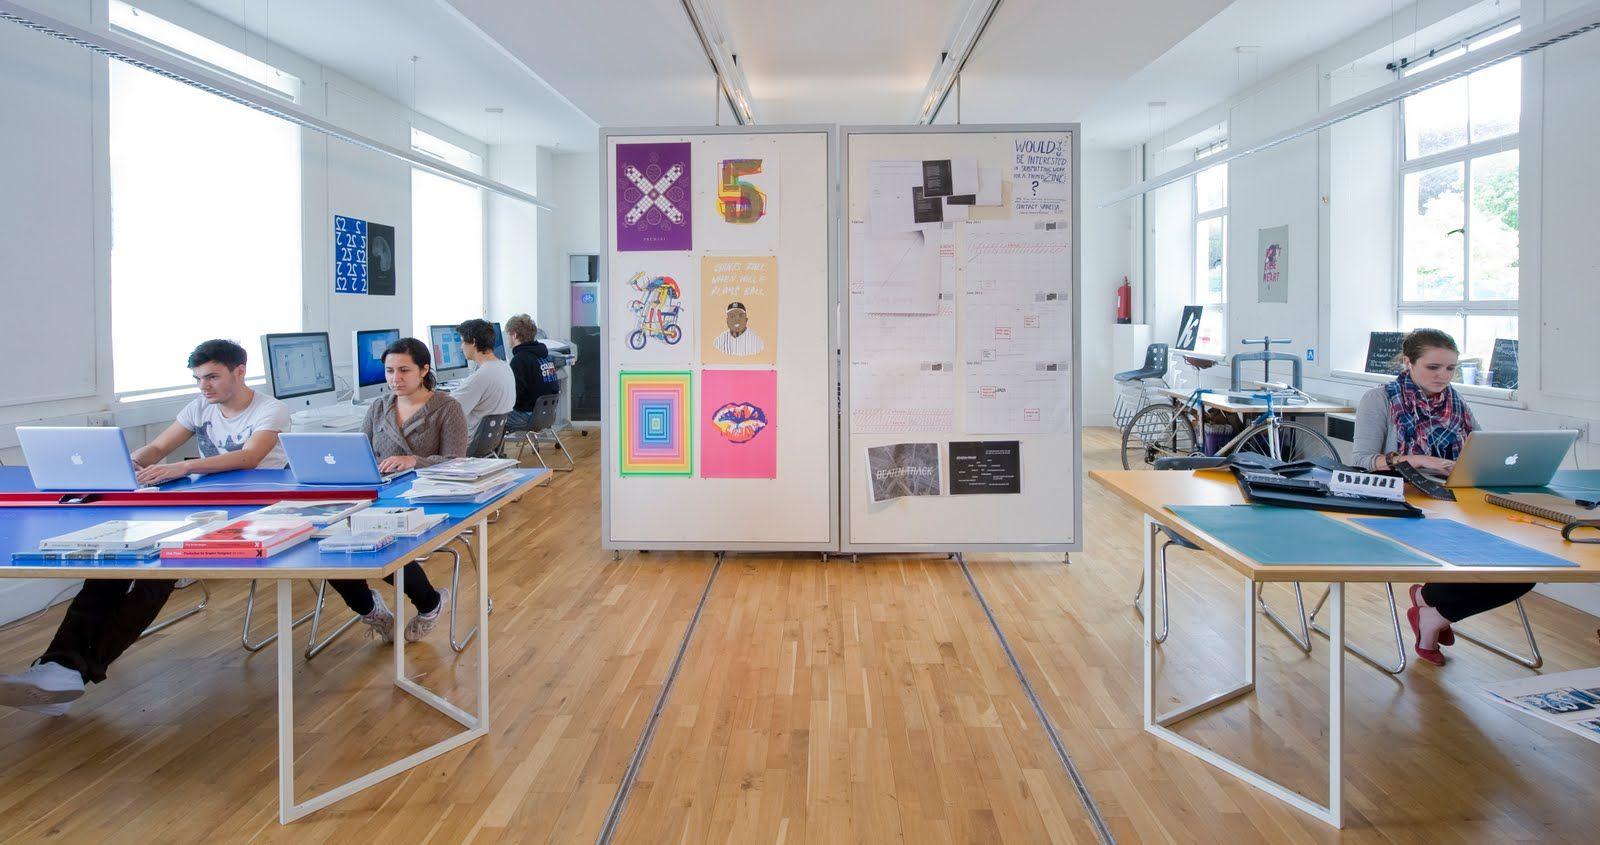 design studio office - Google Search   Office interior ...